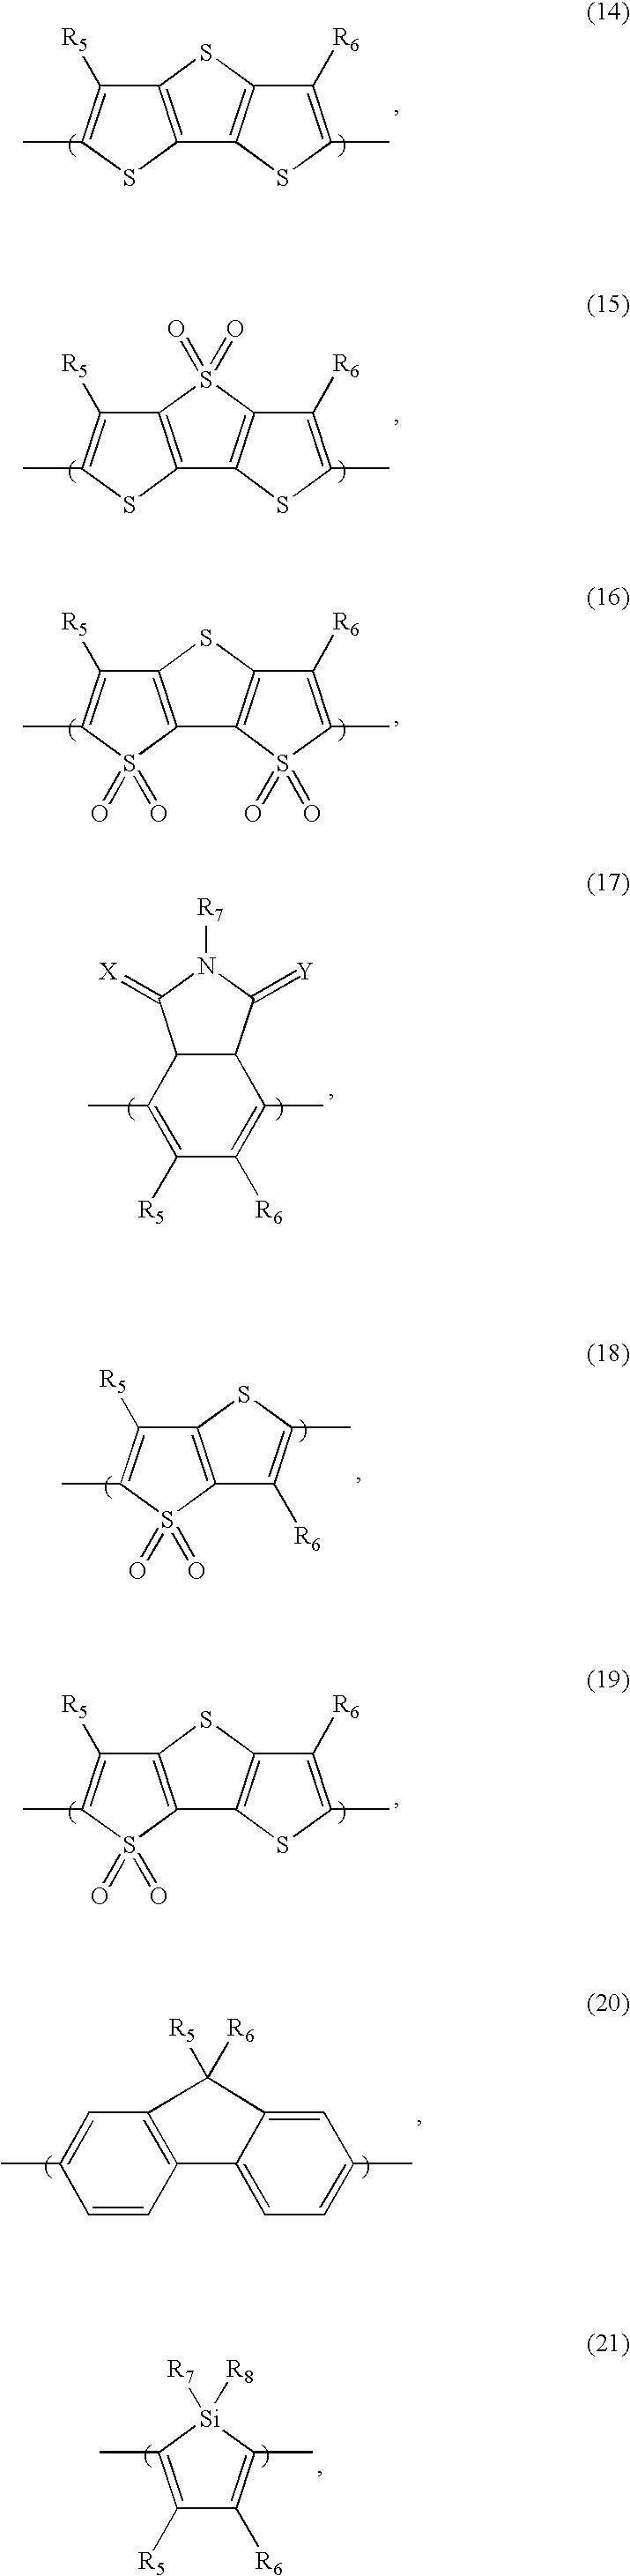 Figure US20090308380A1-20091217-C00003